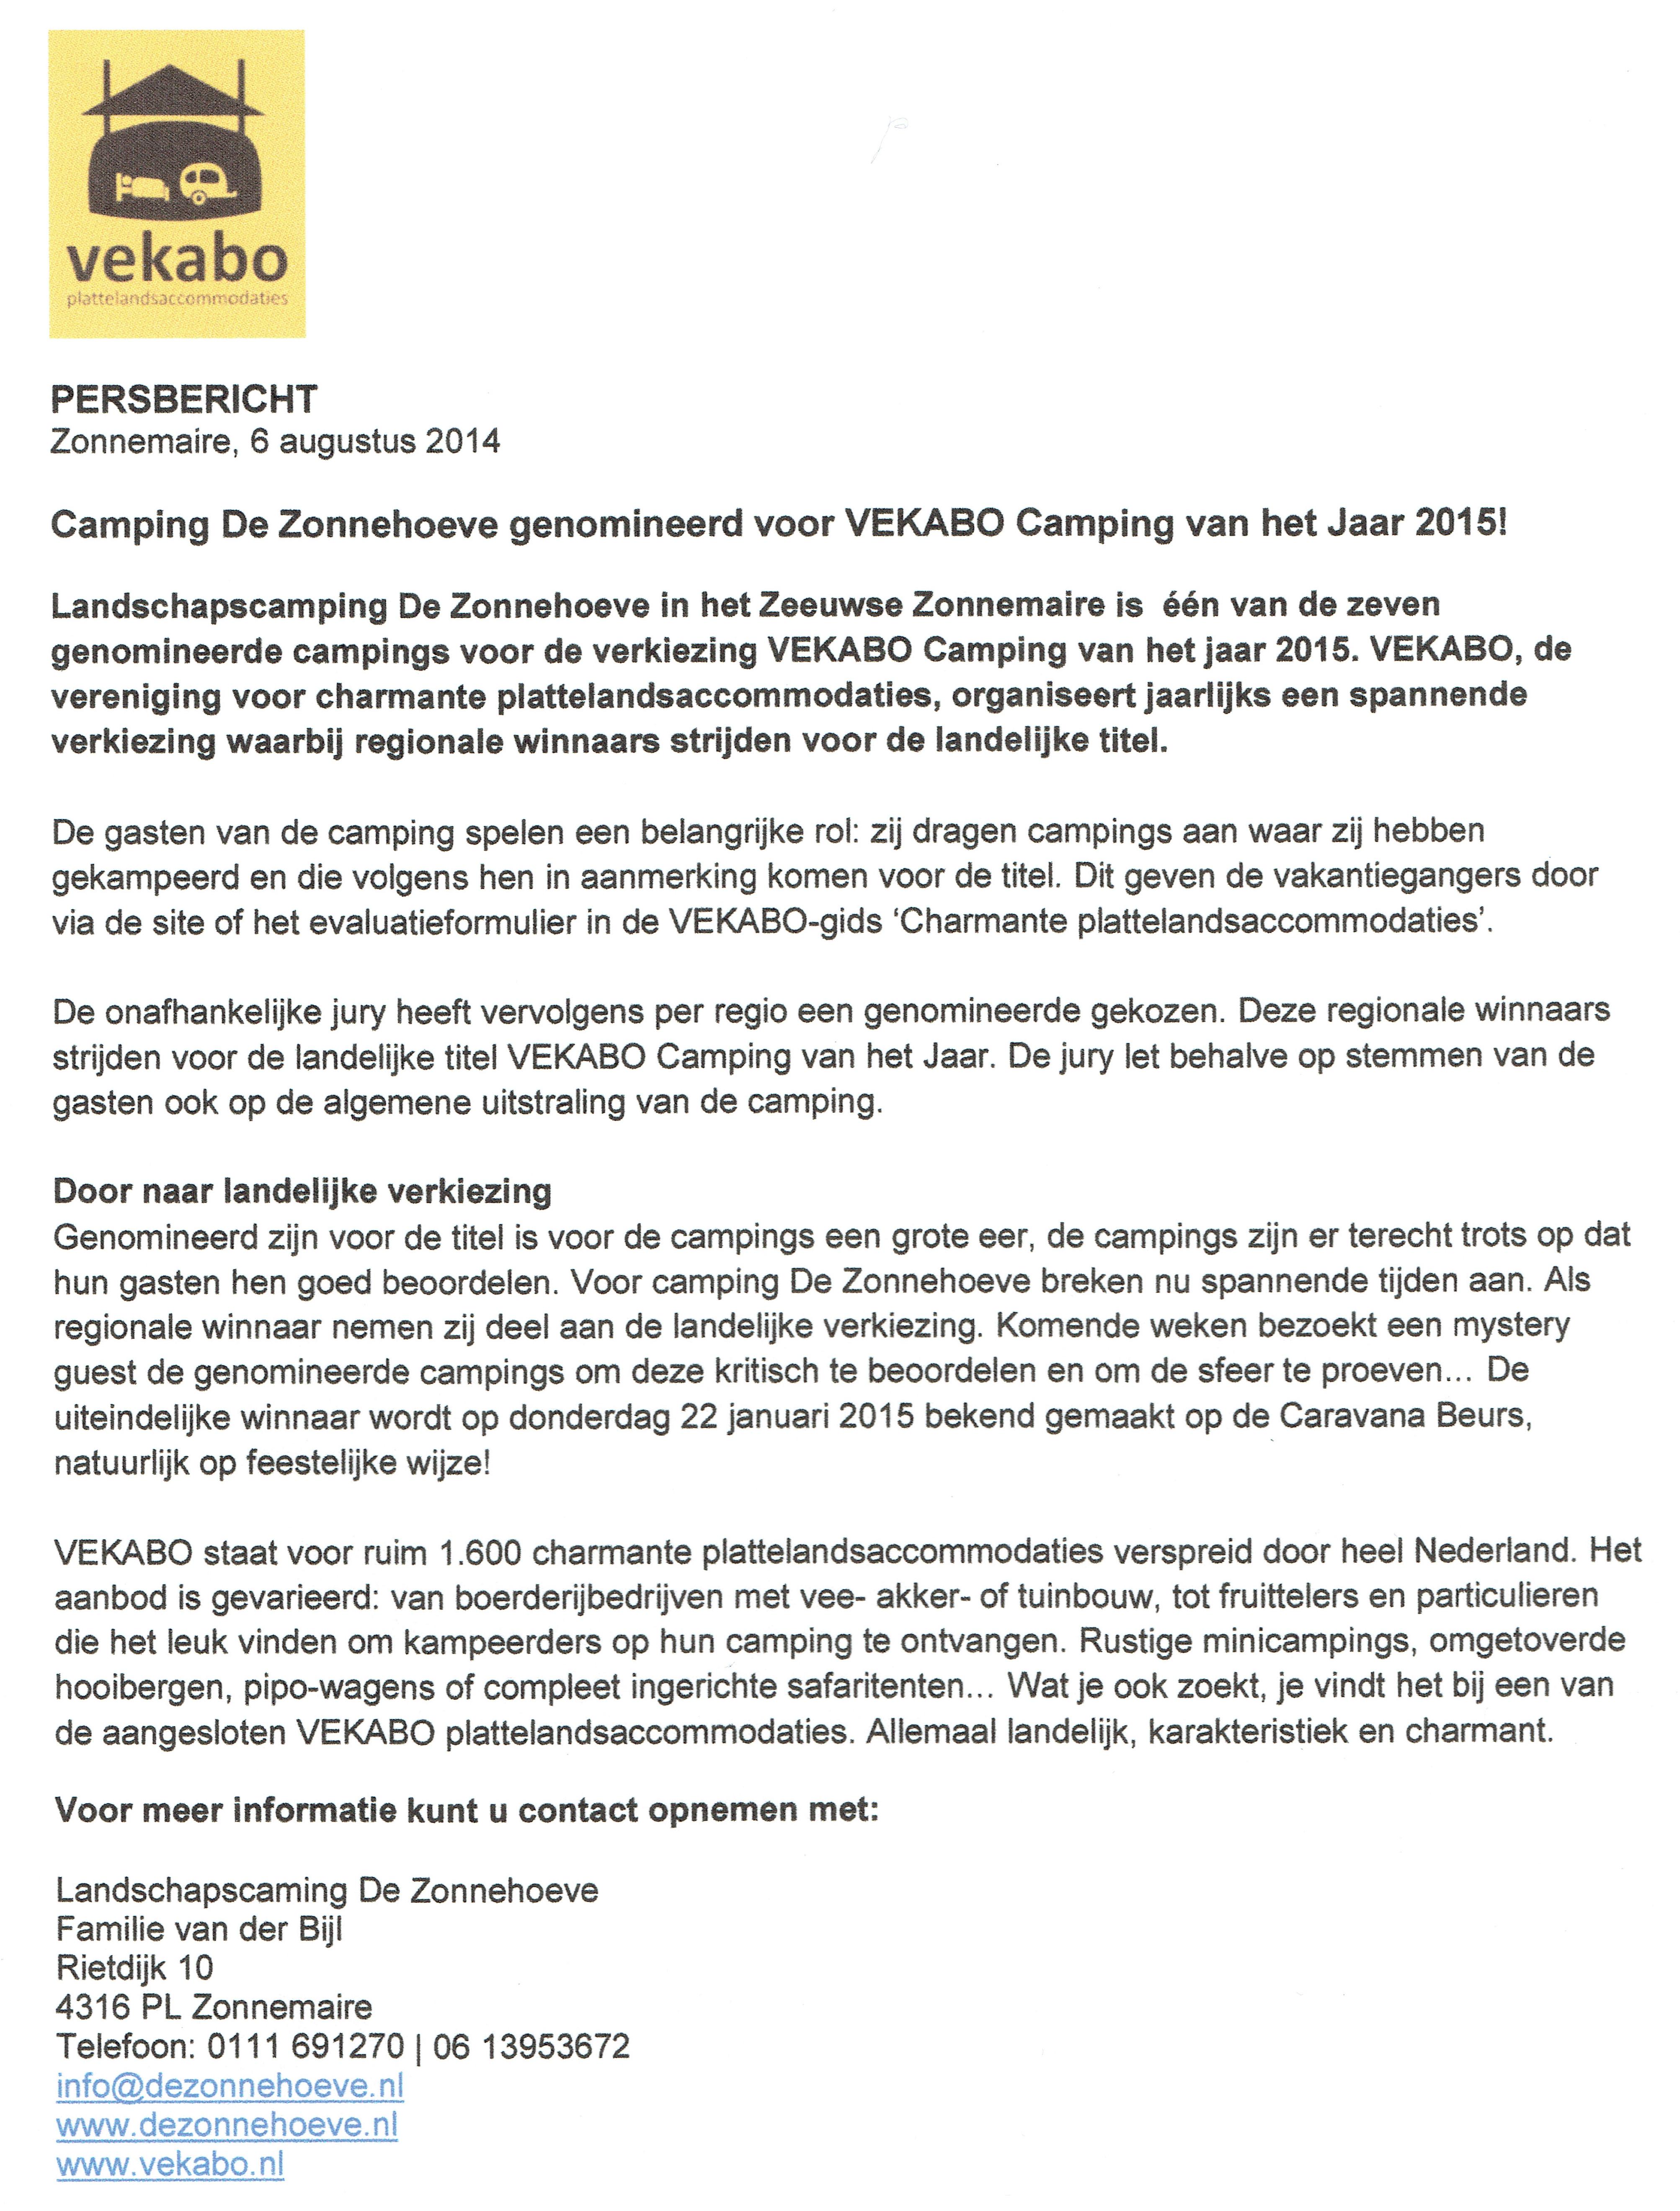 Vekabo persbericht Genomineerde Camping van het Jaar 2015